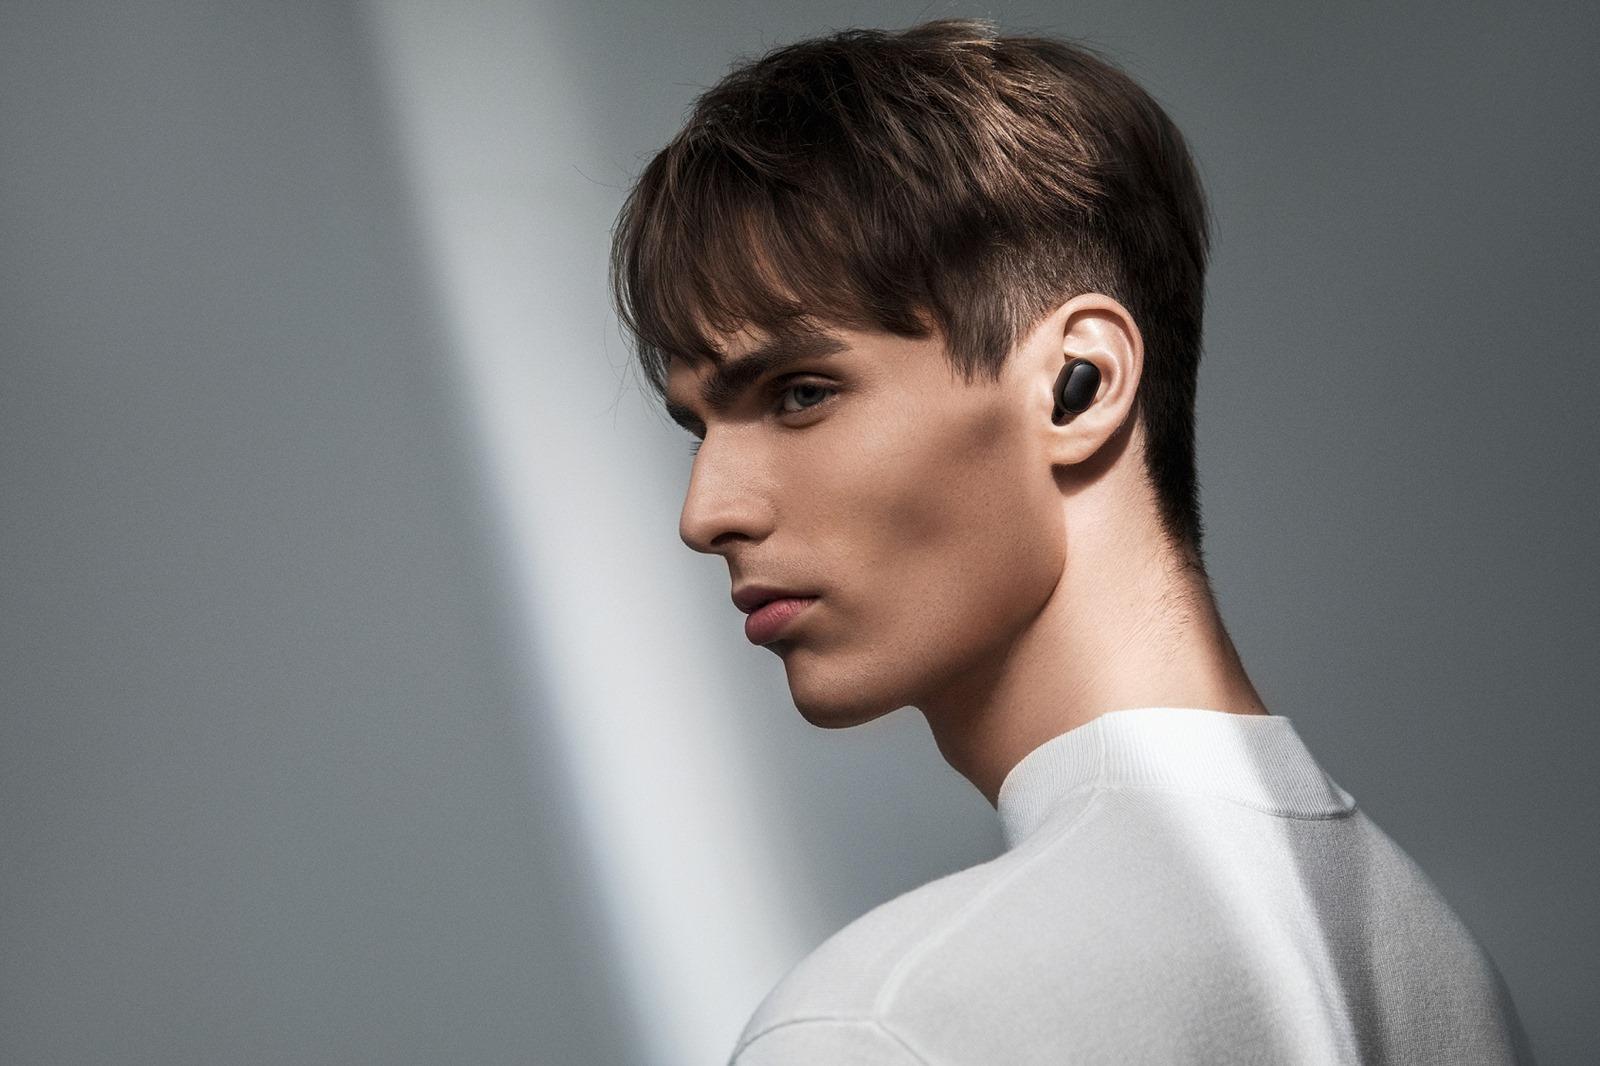 小米返校季推出新品「小米 GaN 充電器 Type-C 65W」「小米藍牙耳機 Earbuds 超值版 S」@3C 達人廖阿輝